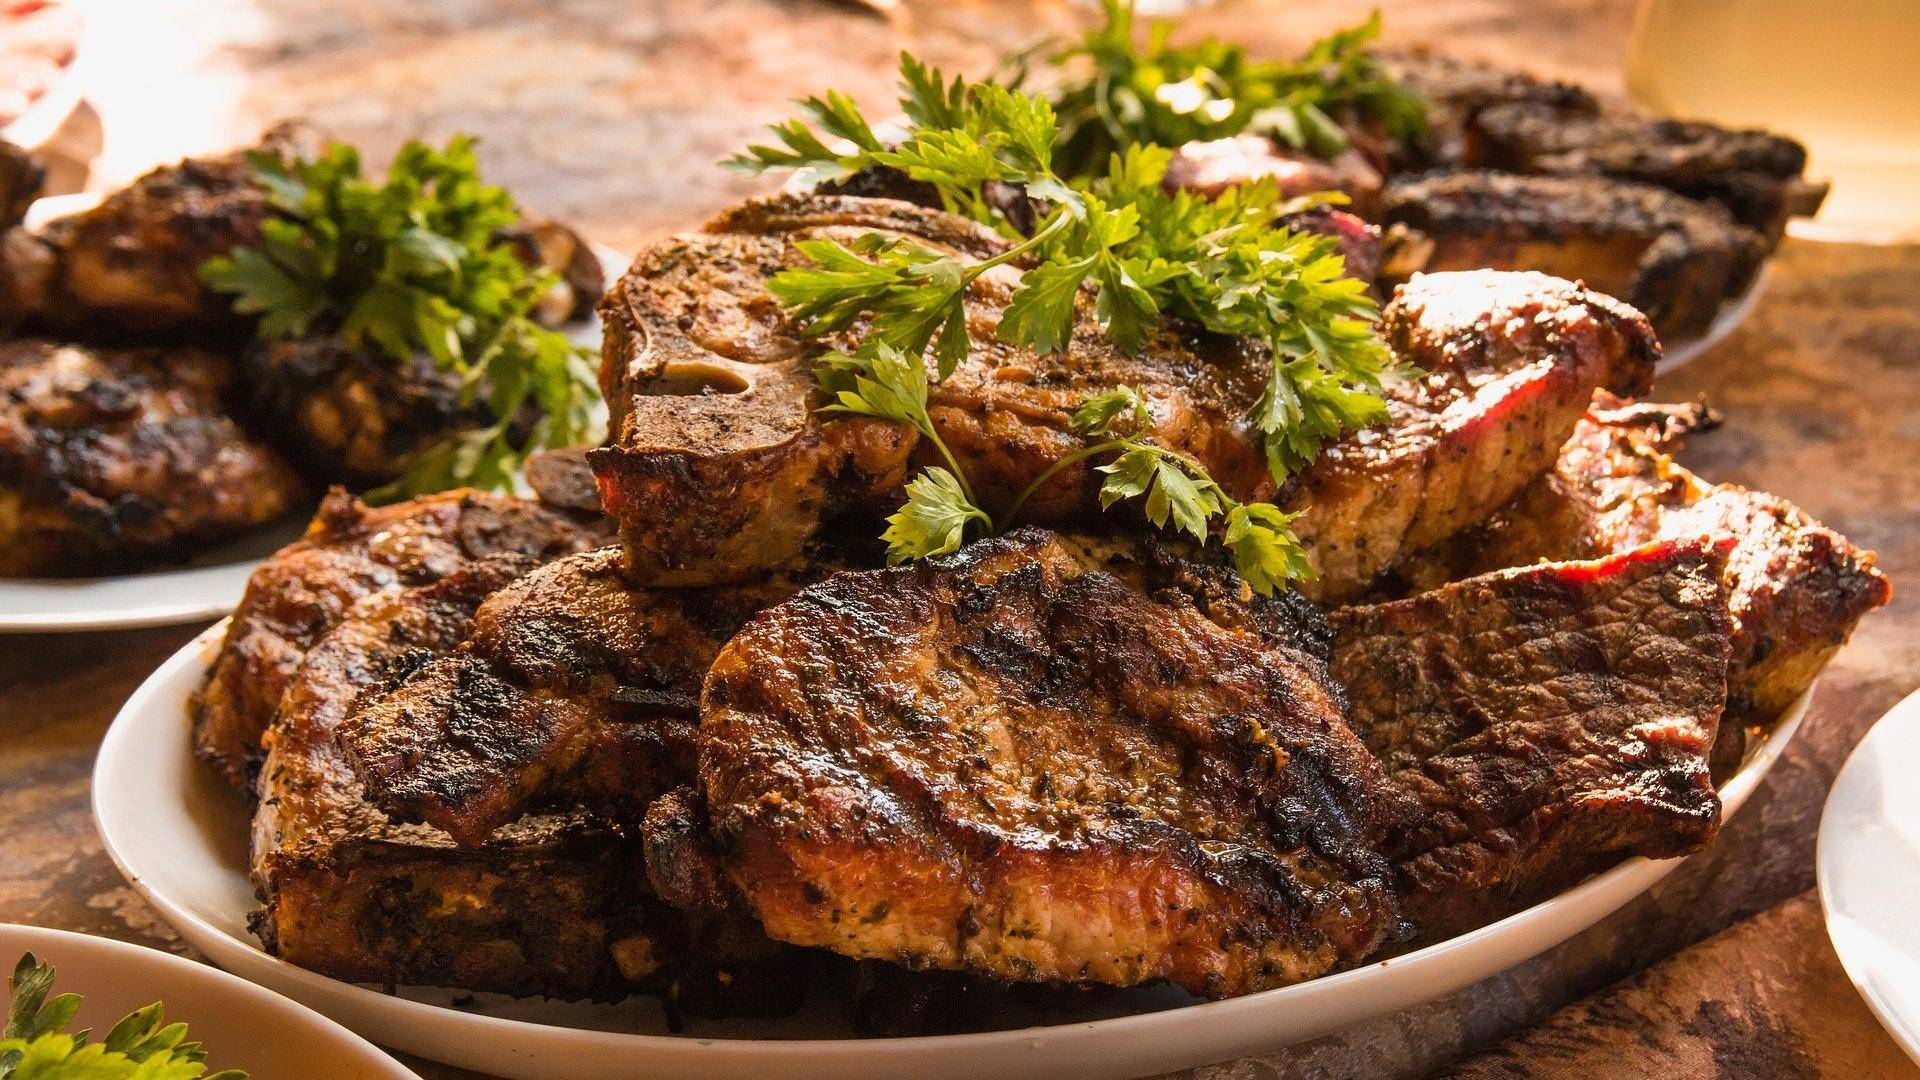 Fleisch grillen - so gelingt es auf dem Grill.